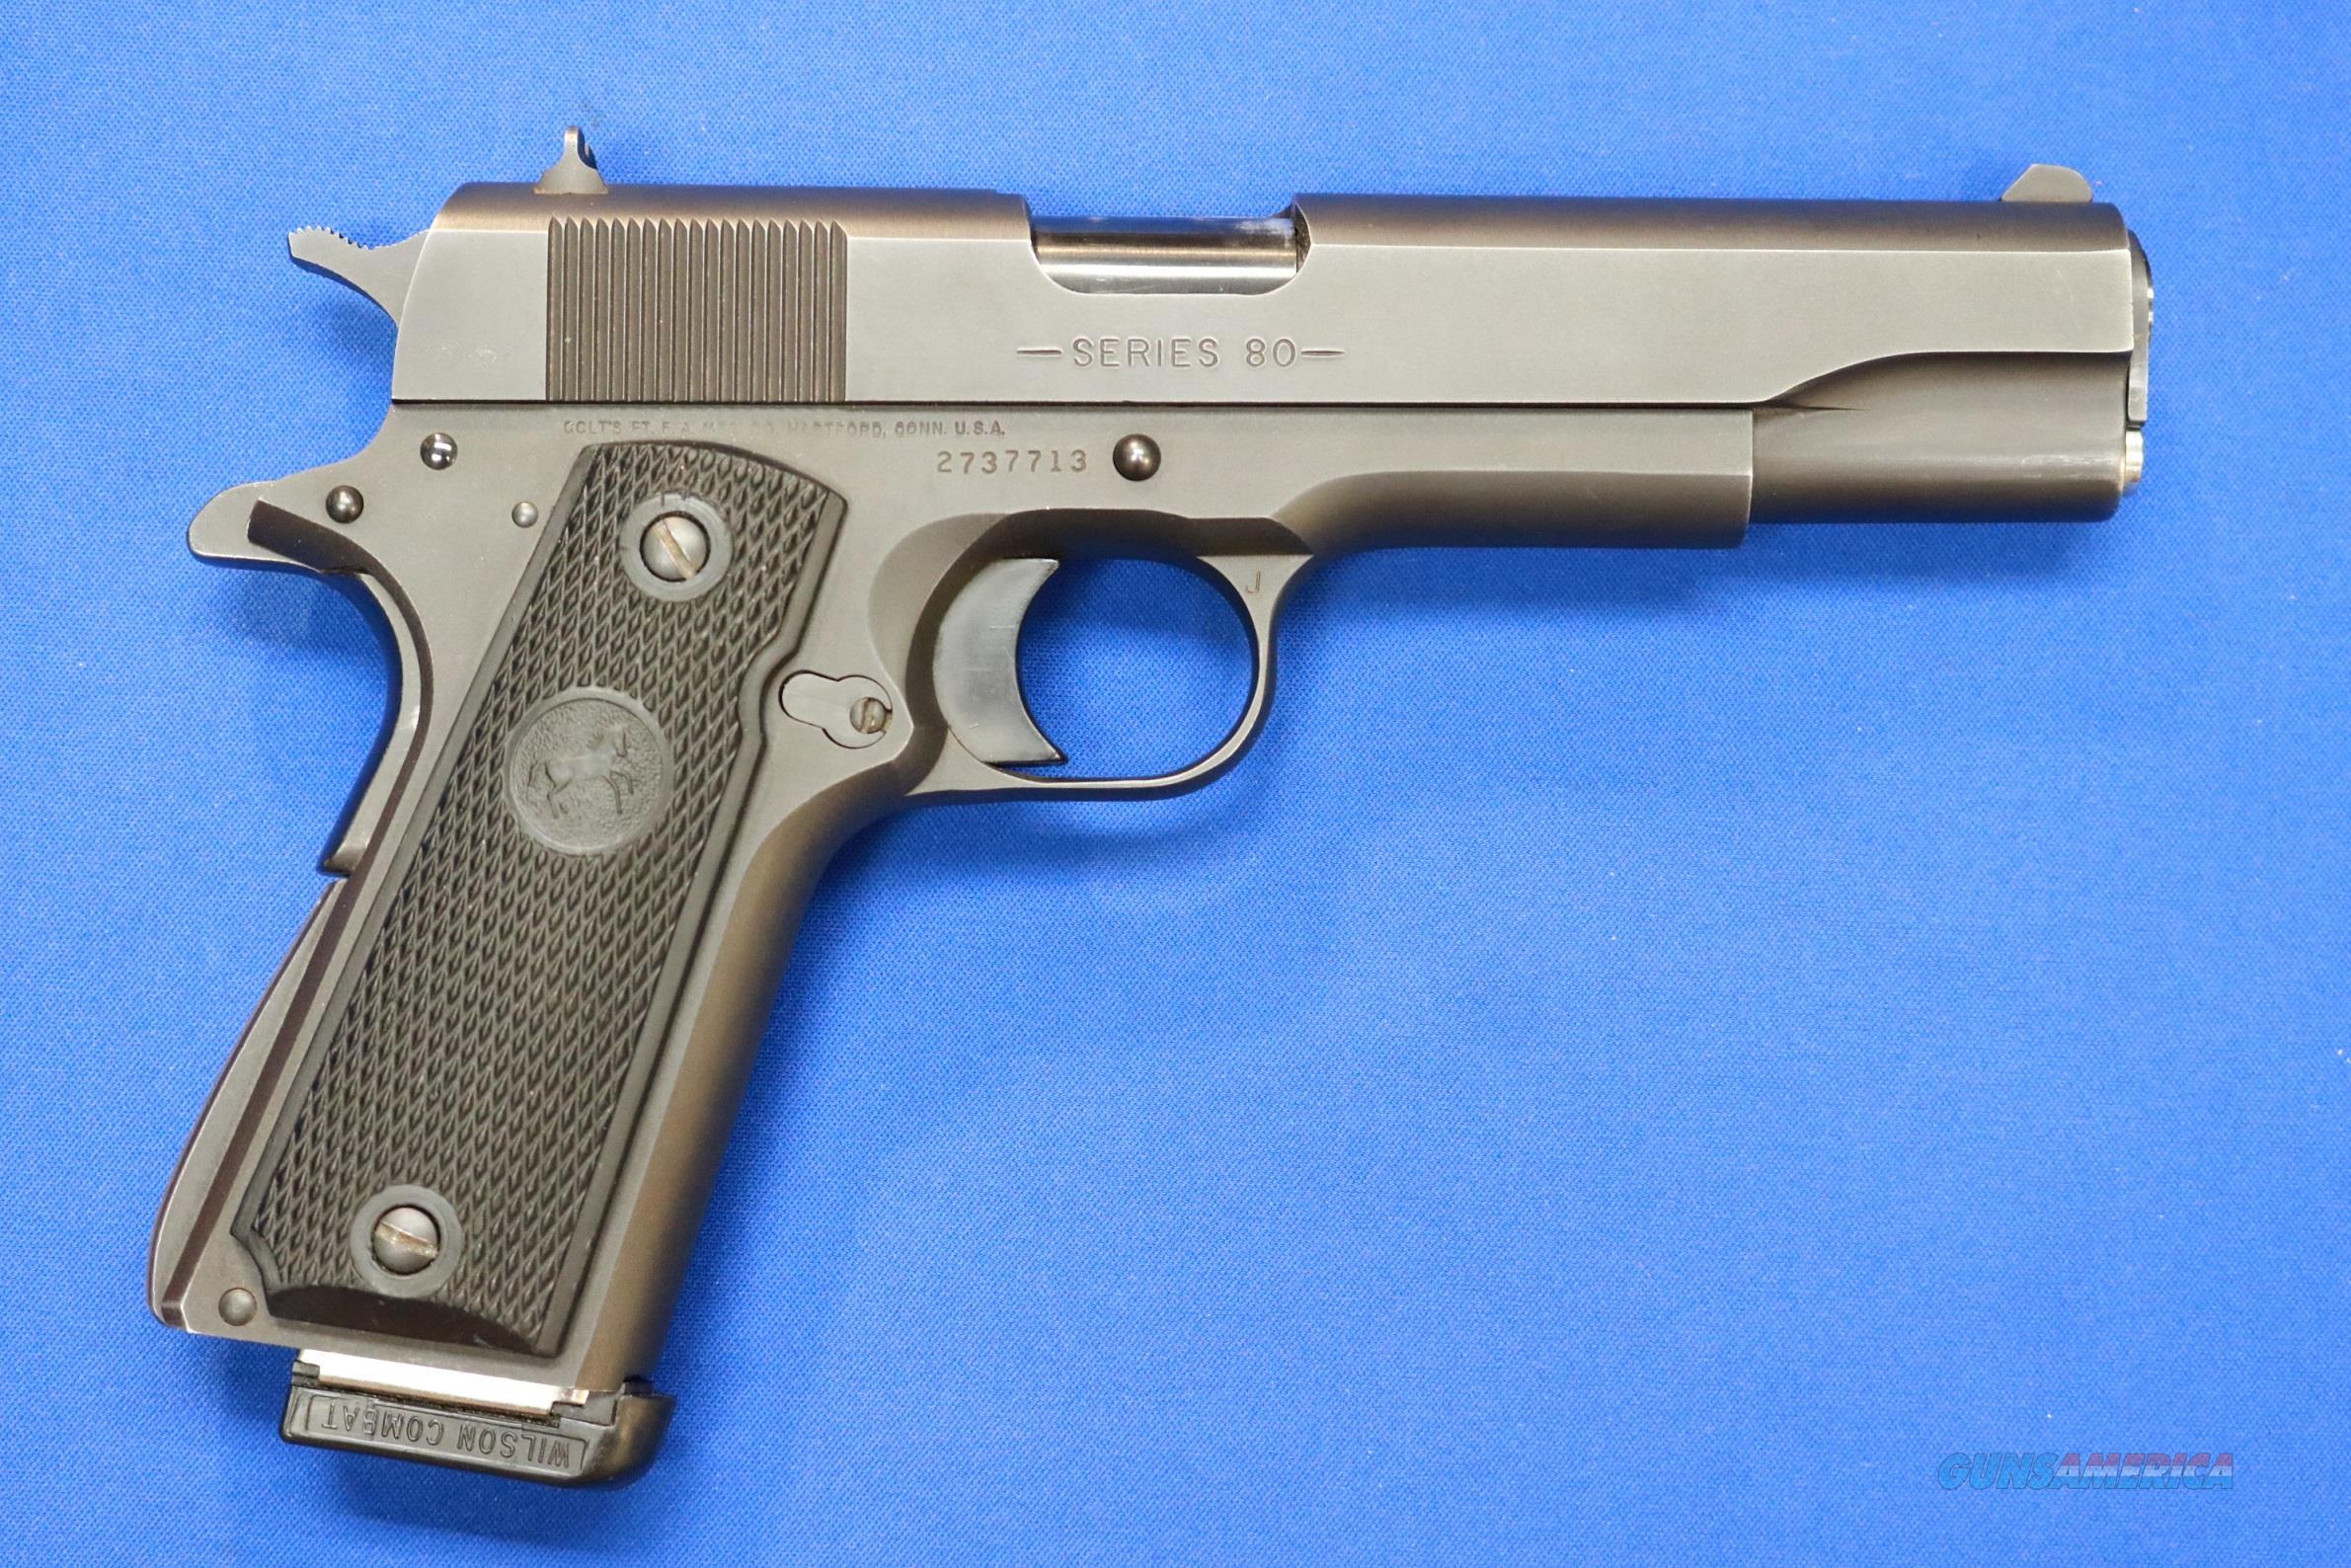 COLT M1991A1  SERIES 80 .45 ACP w/WILSON MAG  Guns > Pistols > Colt Automatic Pistols (1911 & Var)